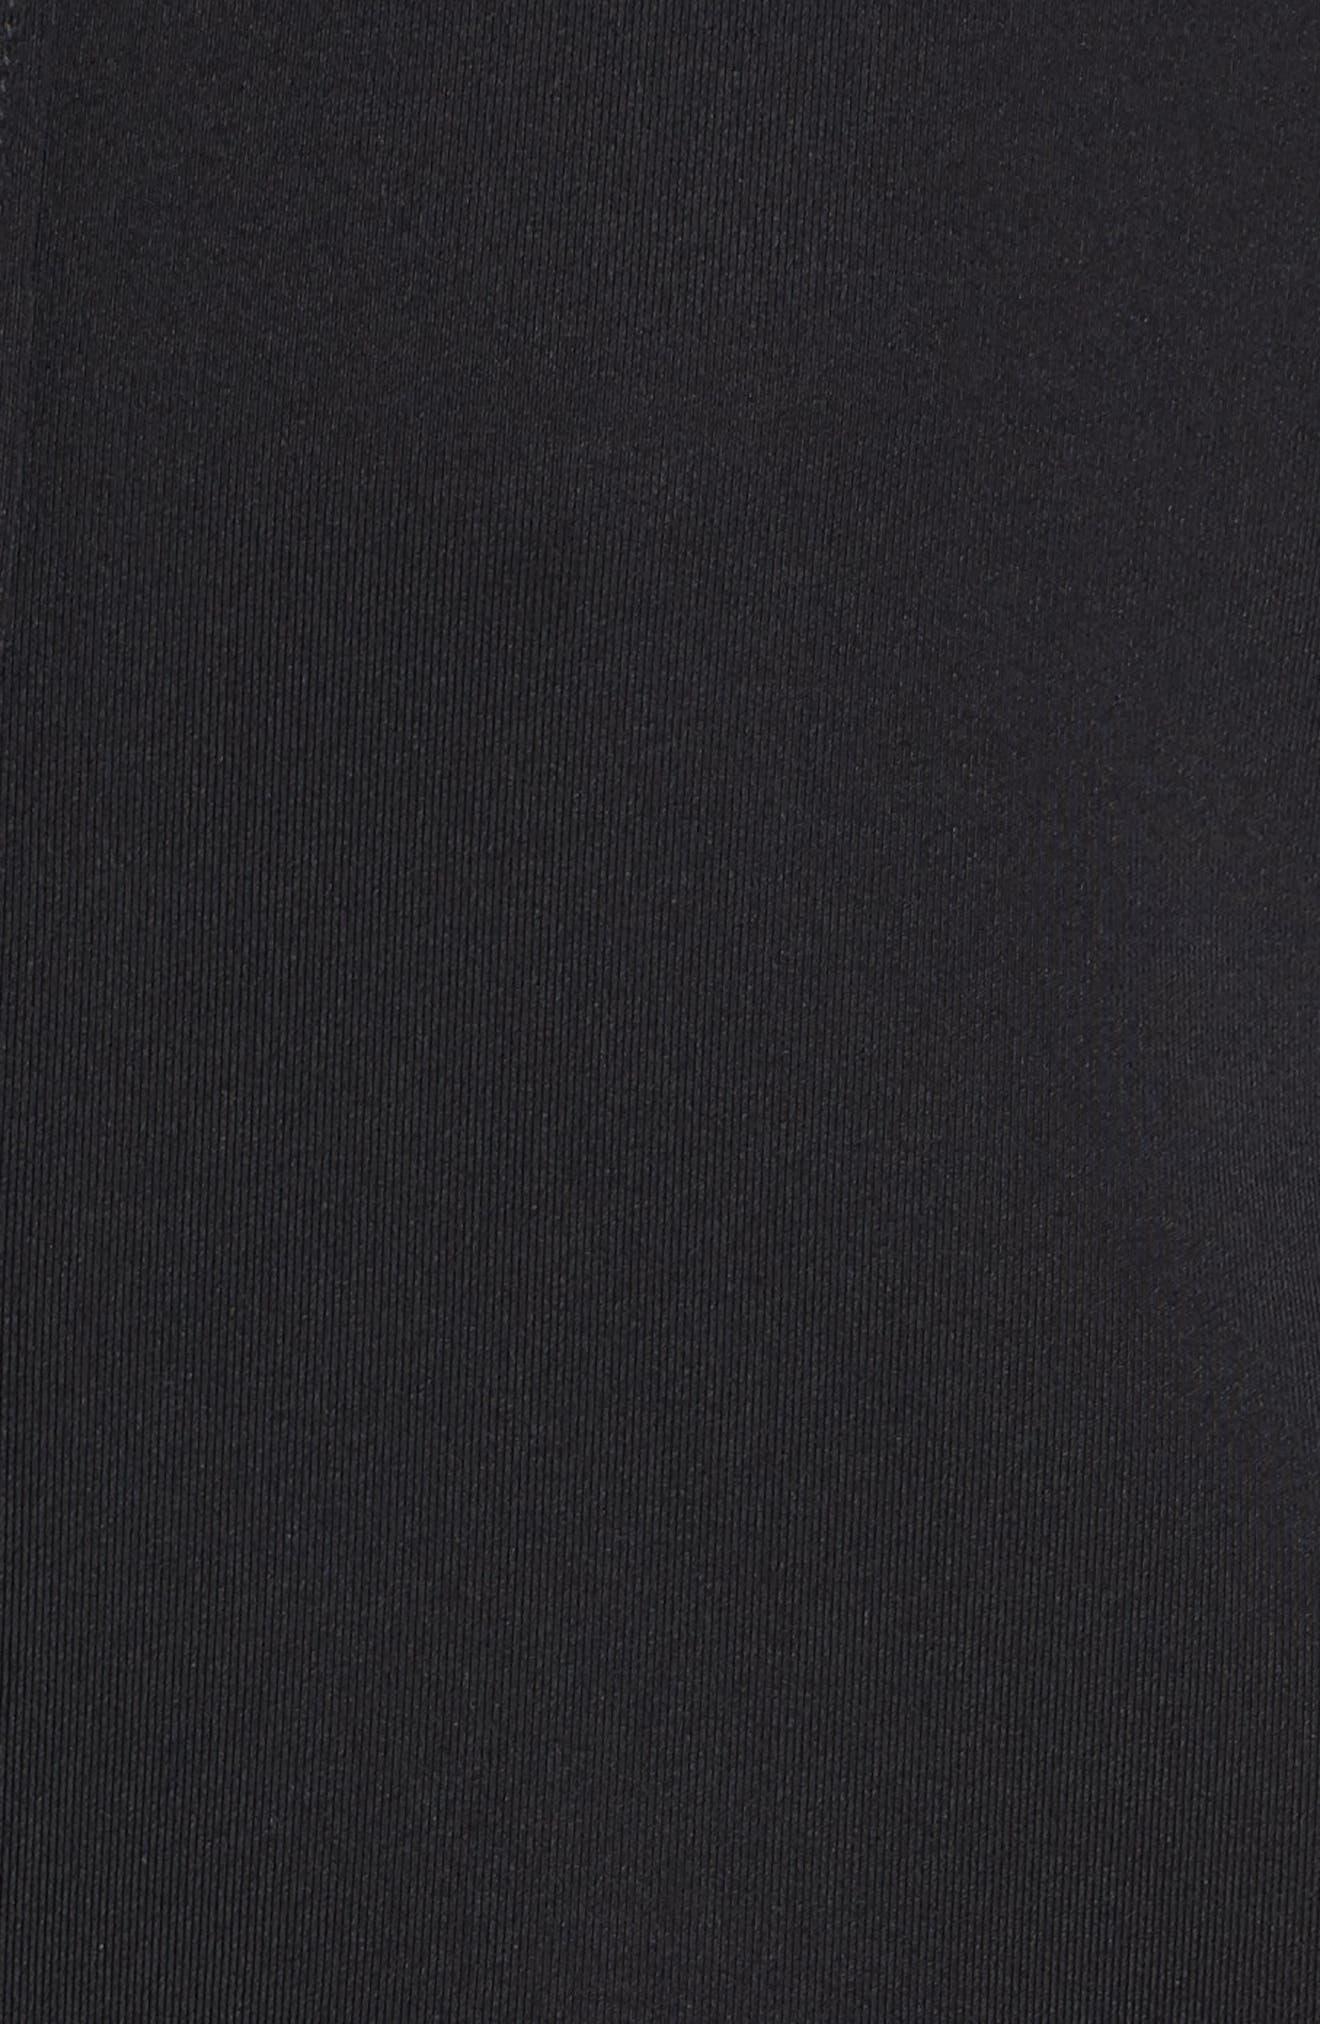 Captivate Kimono Sweatshirt,                             Alternate thumbnail 6, color,                             BLACK